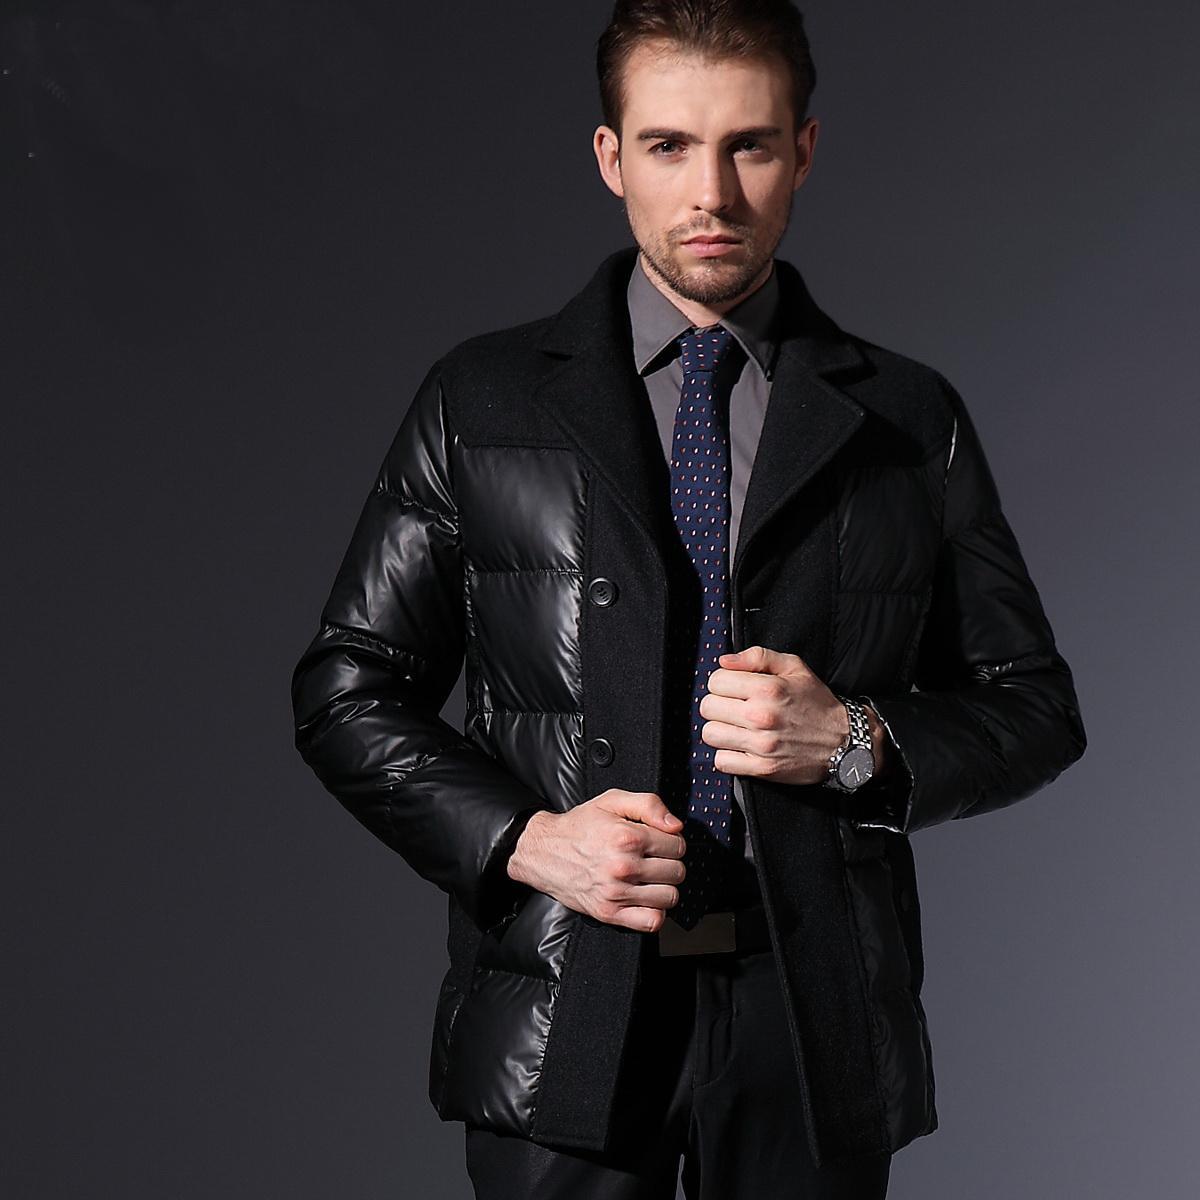 男士冬天如何穿正装?